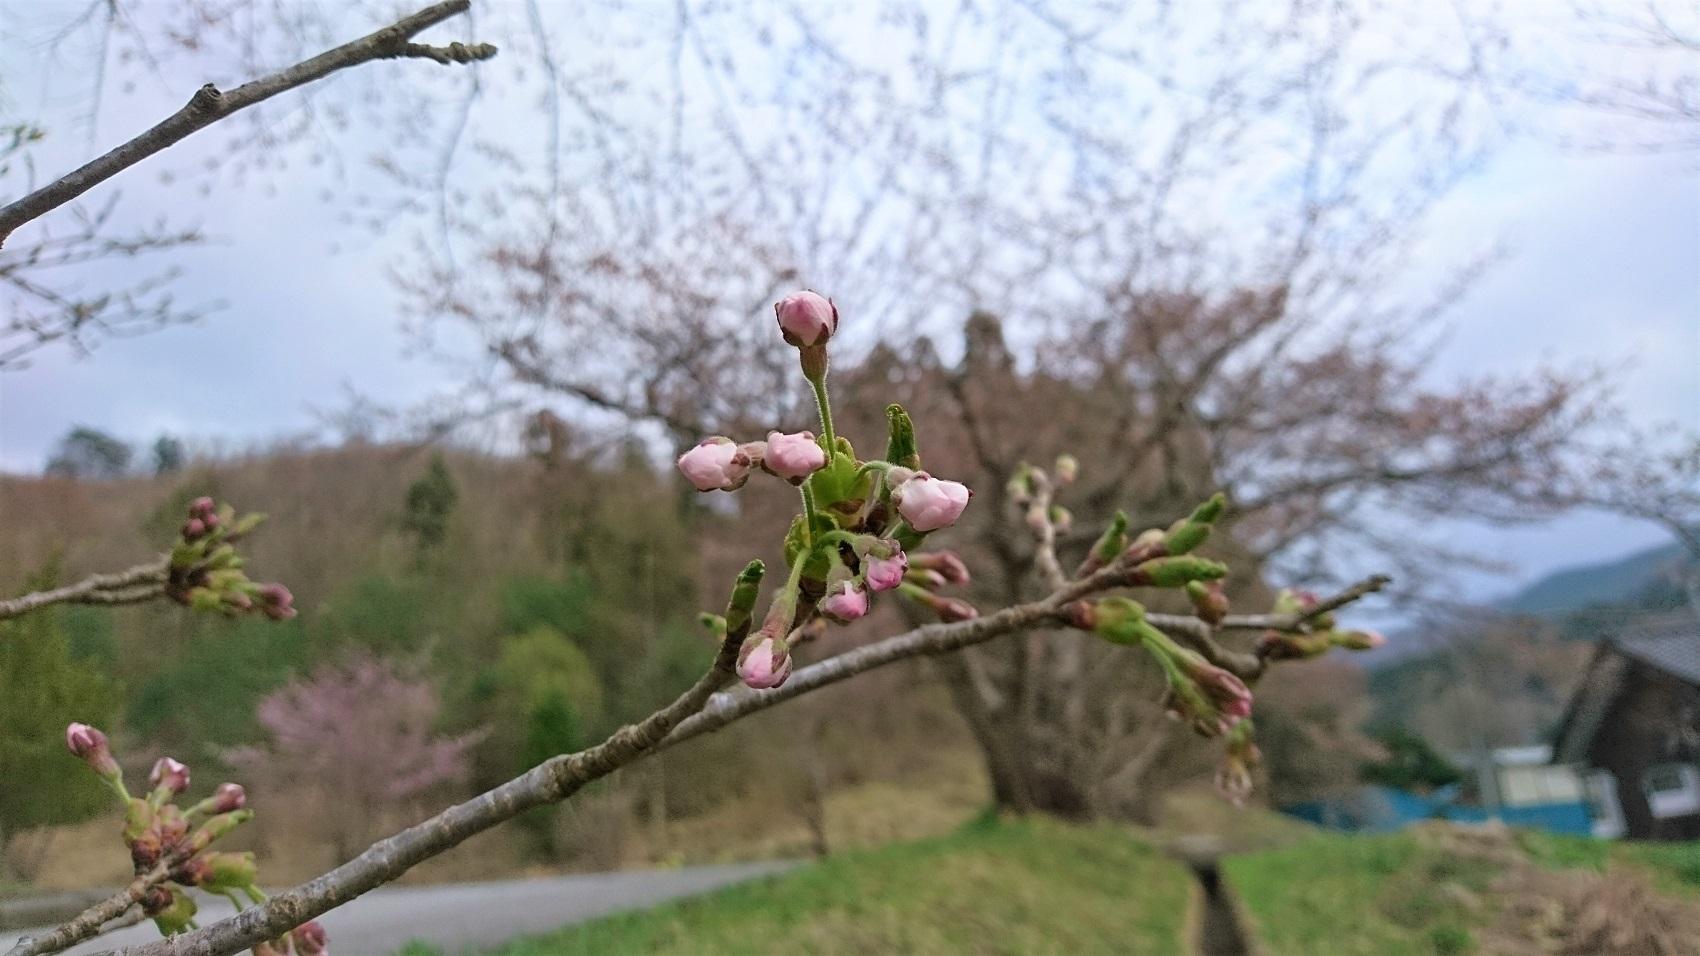 桜の色って、ほんときれい。なんとも言えないピンク色。